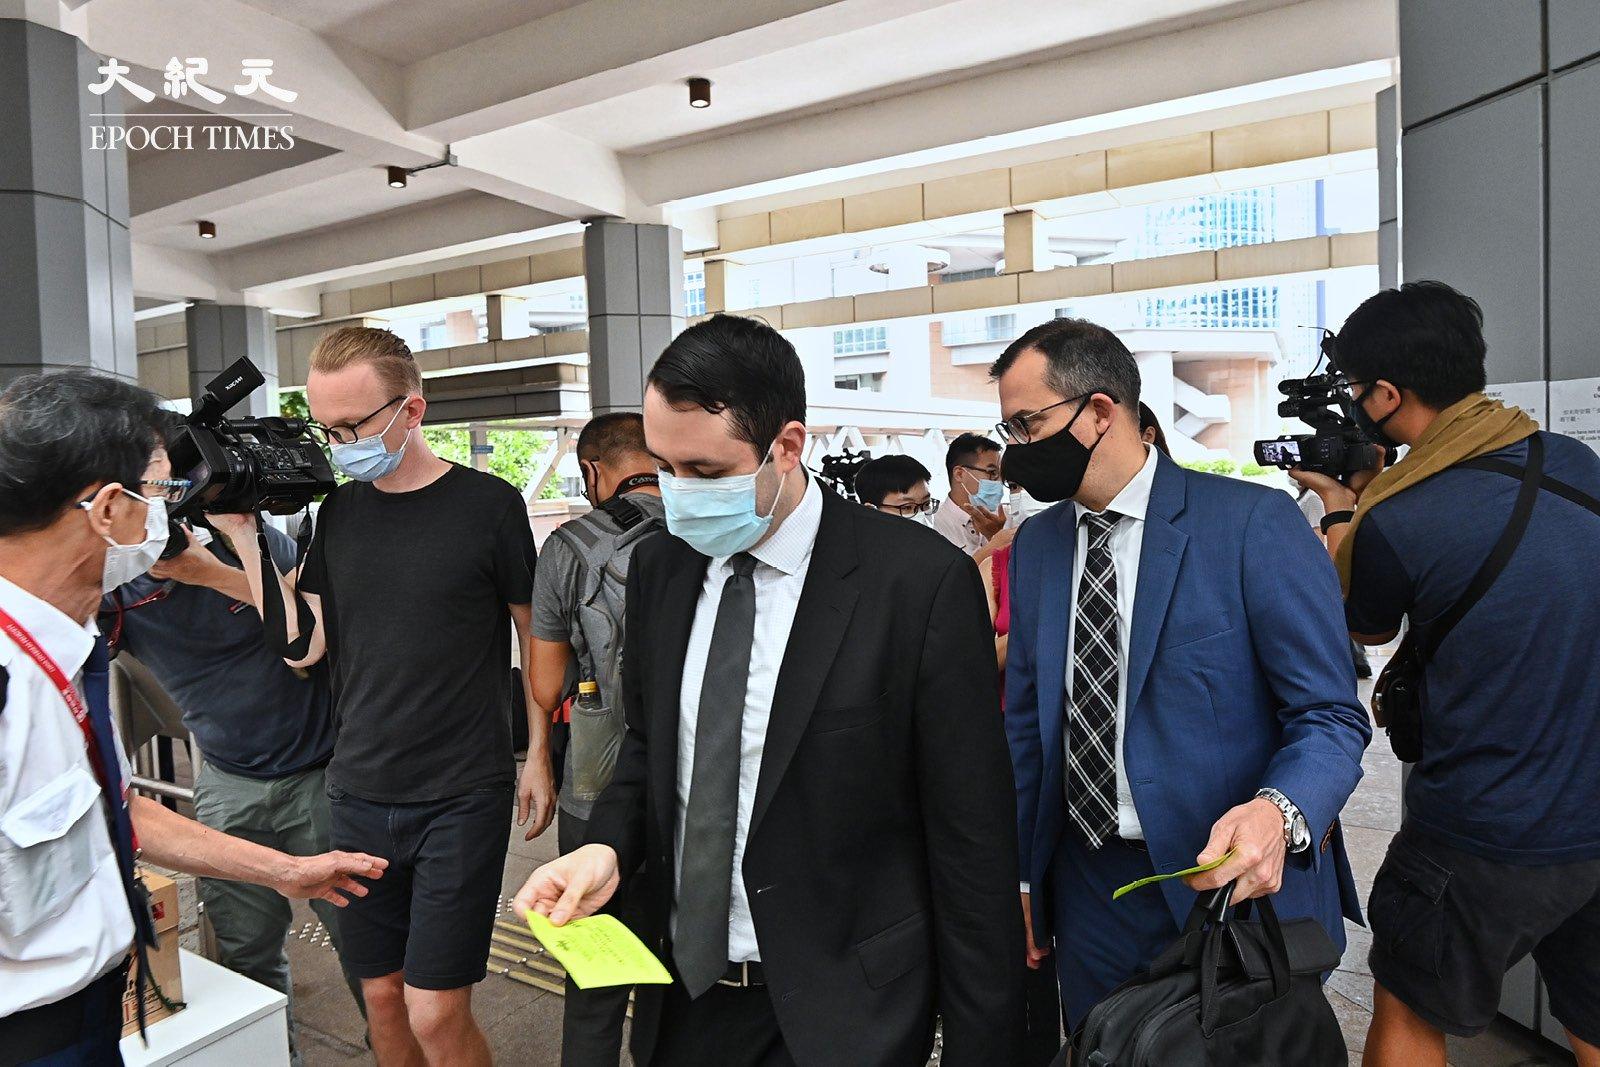 多國駐港領事館派員前往高等法院旁聽。(宋碧龍/大紀元)